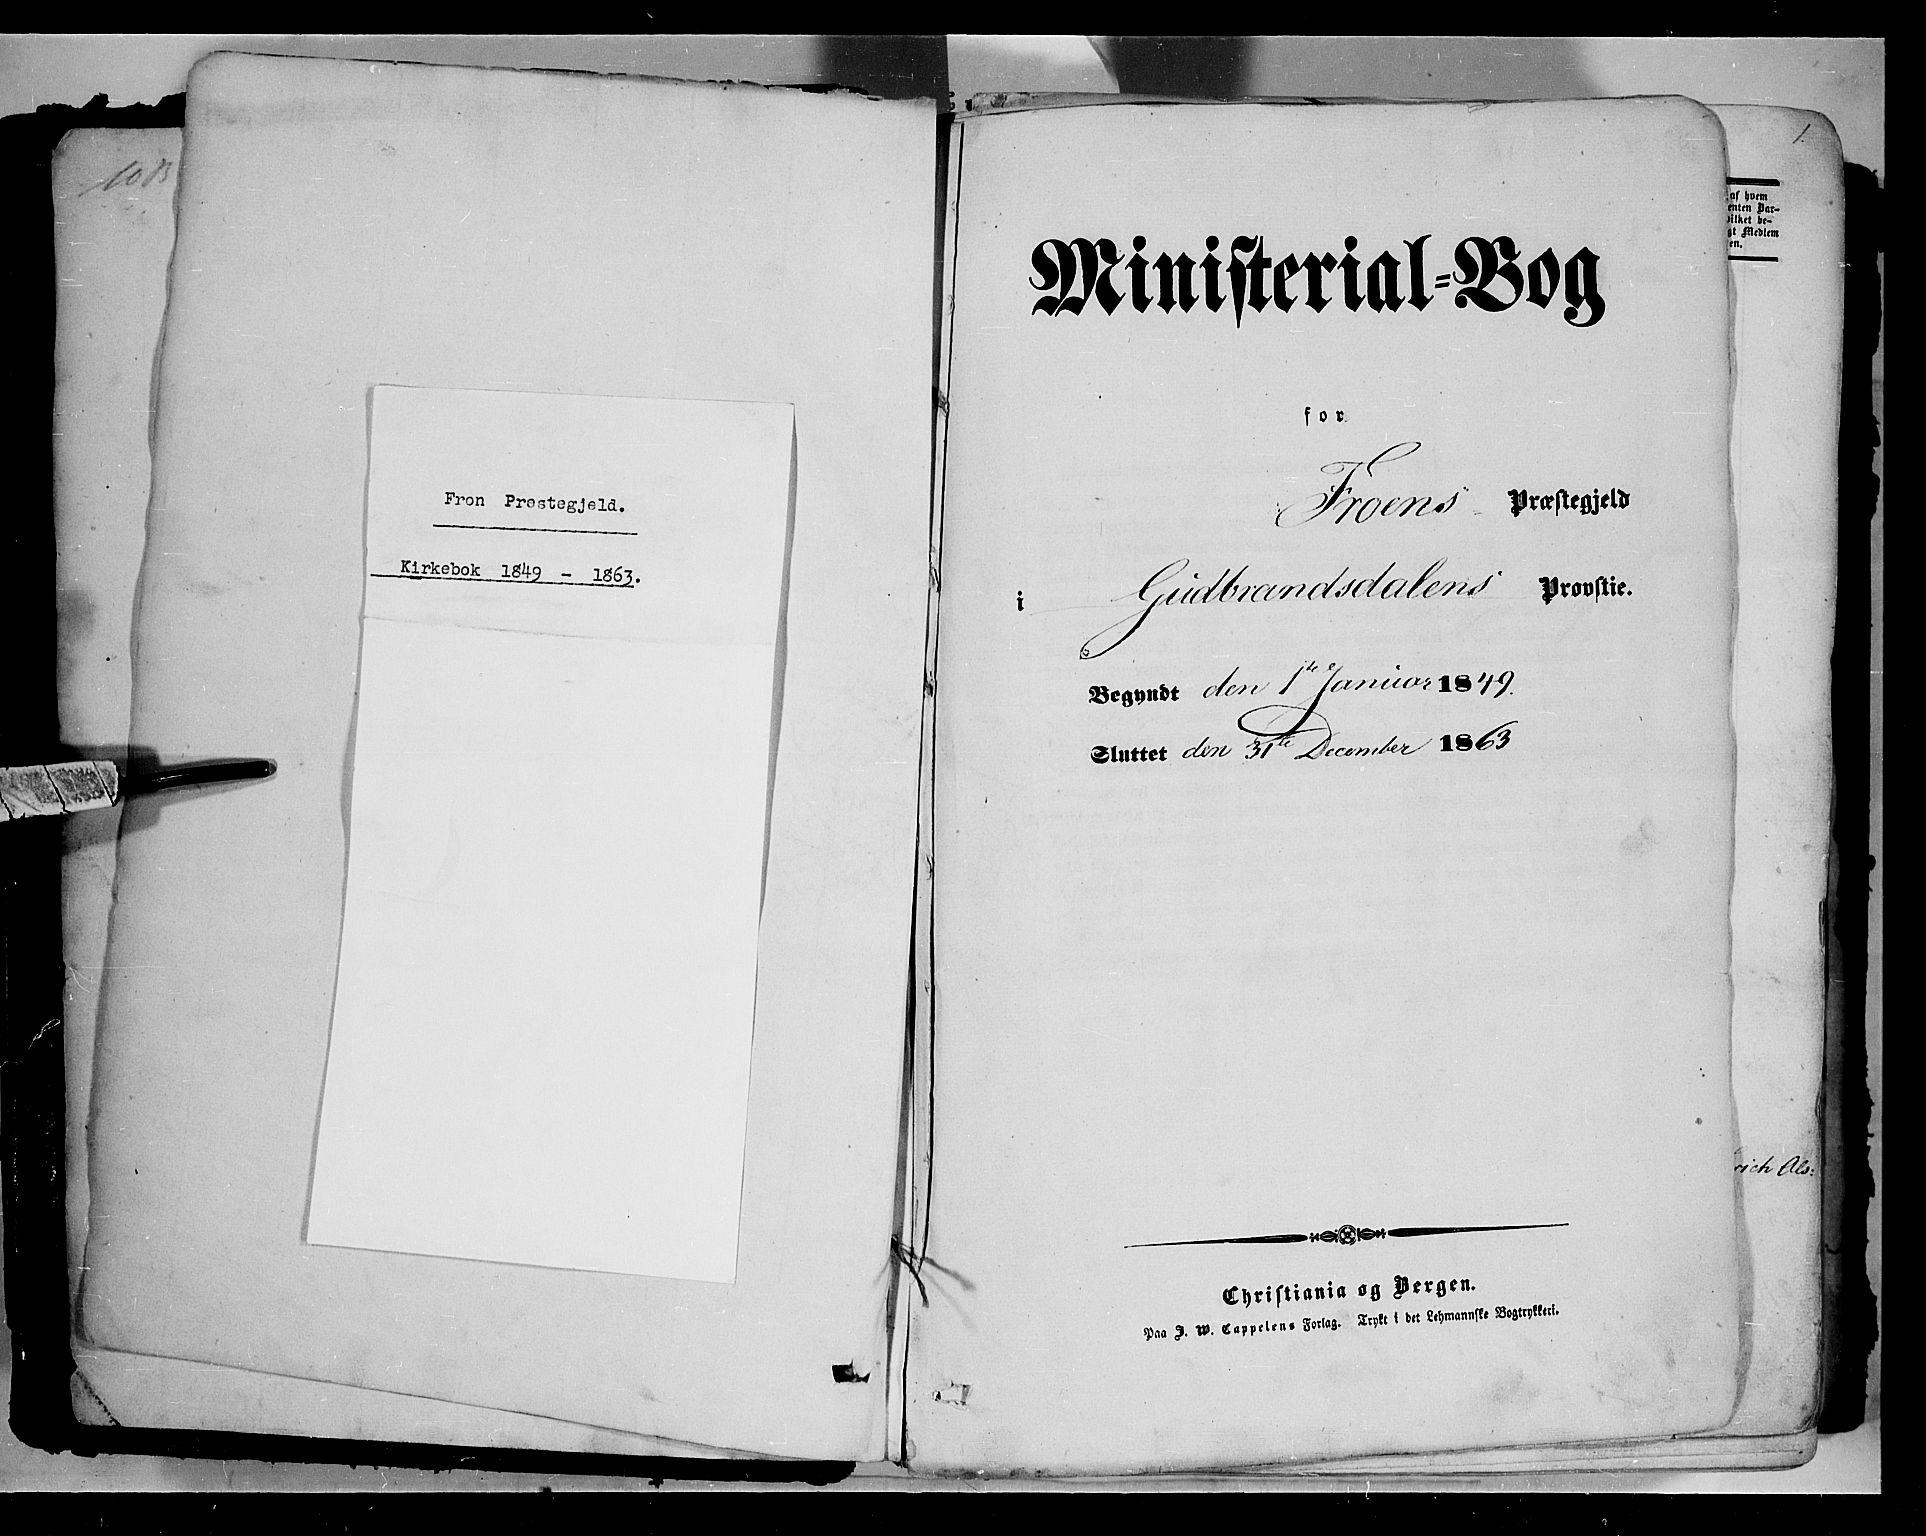 SAH, Sør-Fron prestekontor, H/Ha/Haa/L0001: Ministerialbok nr. 1, 1849-1863